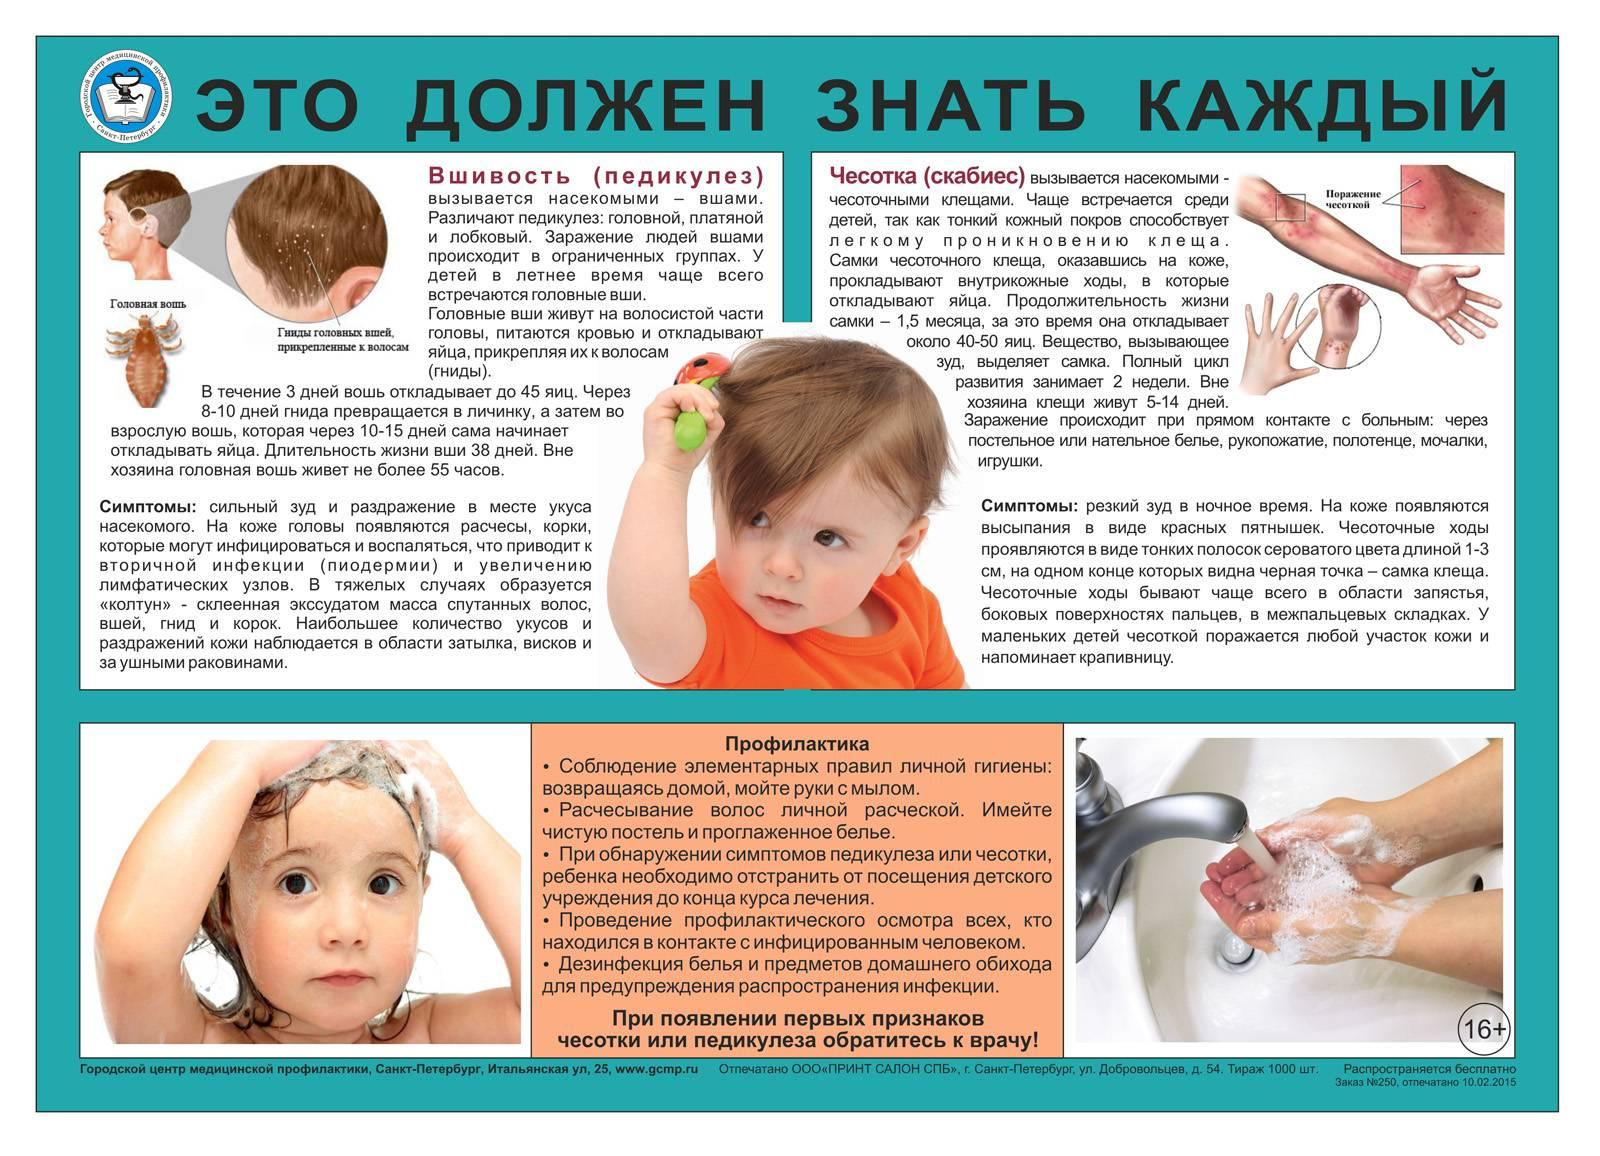 Профилактика вшей у детей в домашних условиях, детском саду и школе - методы, осмотры и средства борьбы